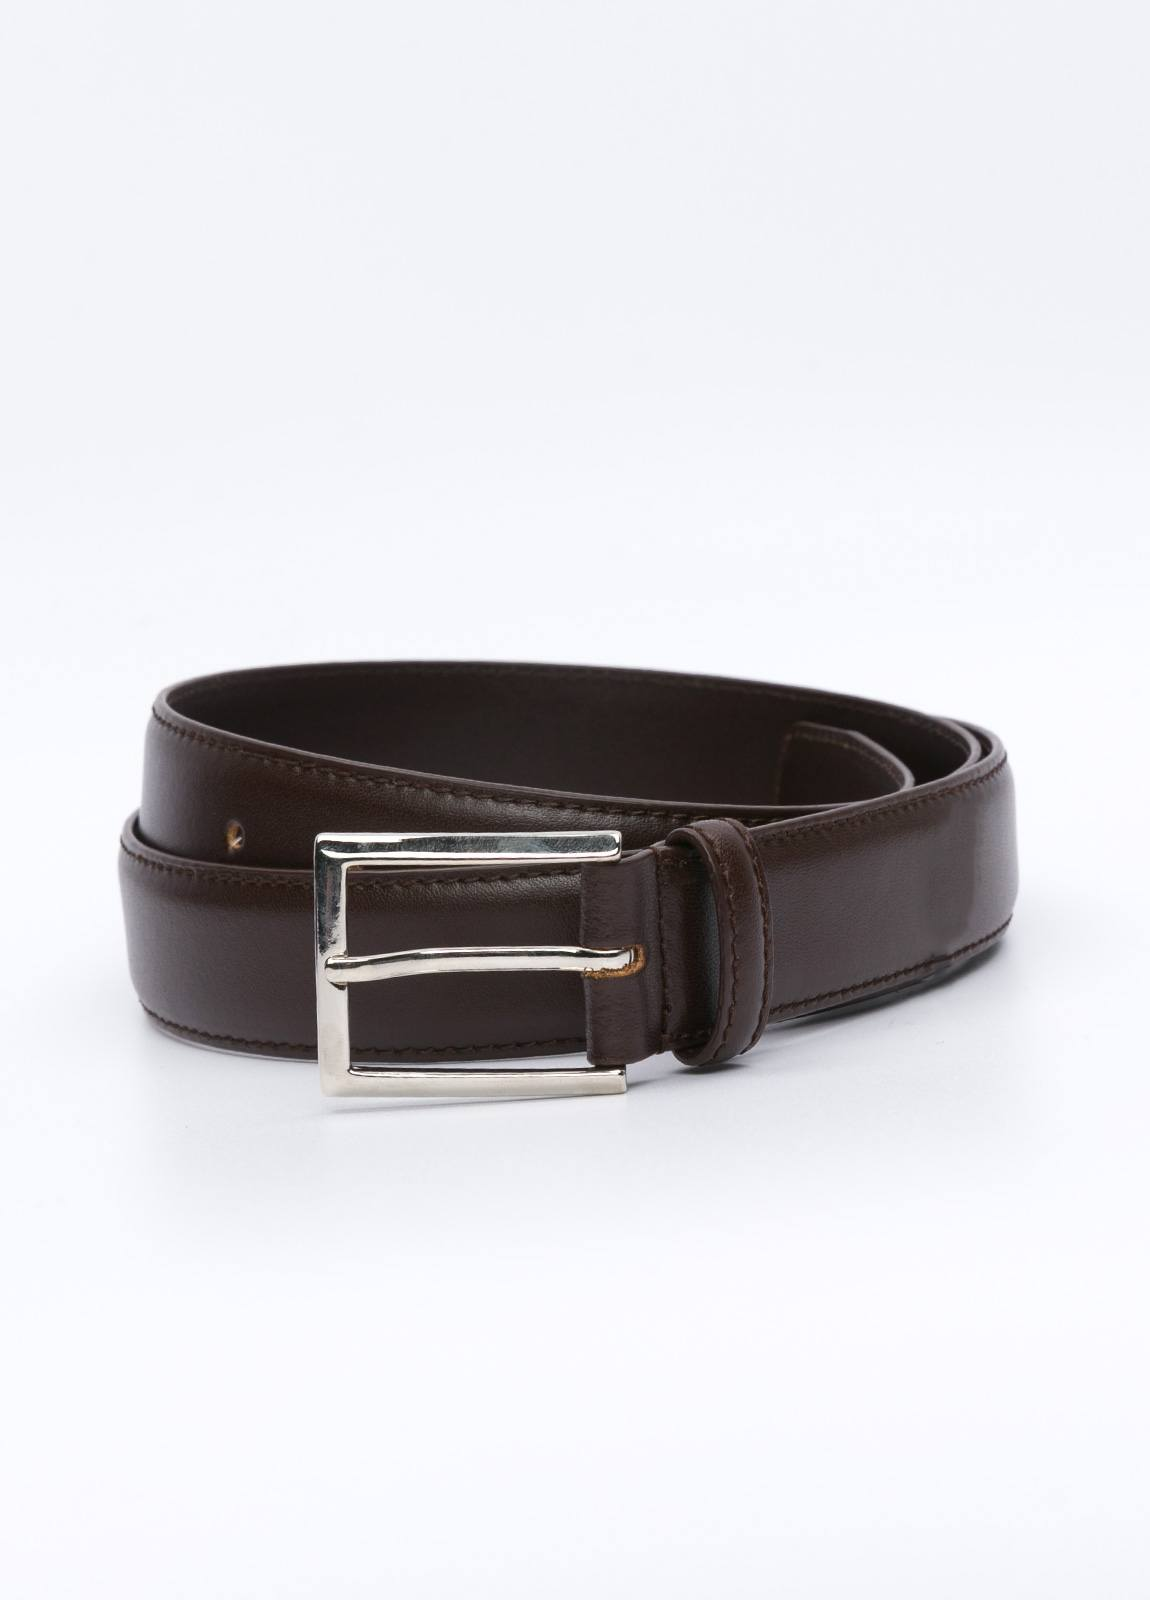 Cinturón Vestir FUREST COLECCIÓN piel lisa marrón